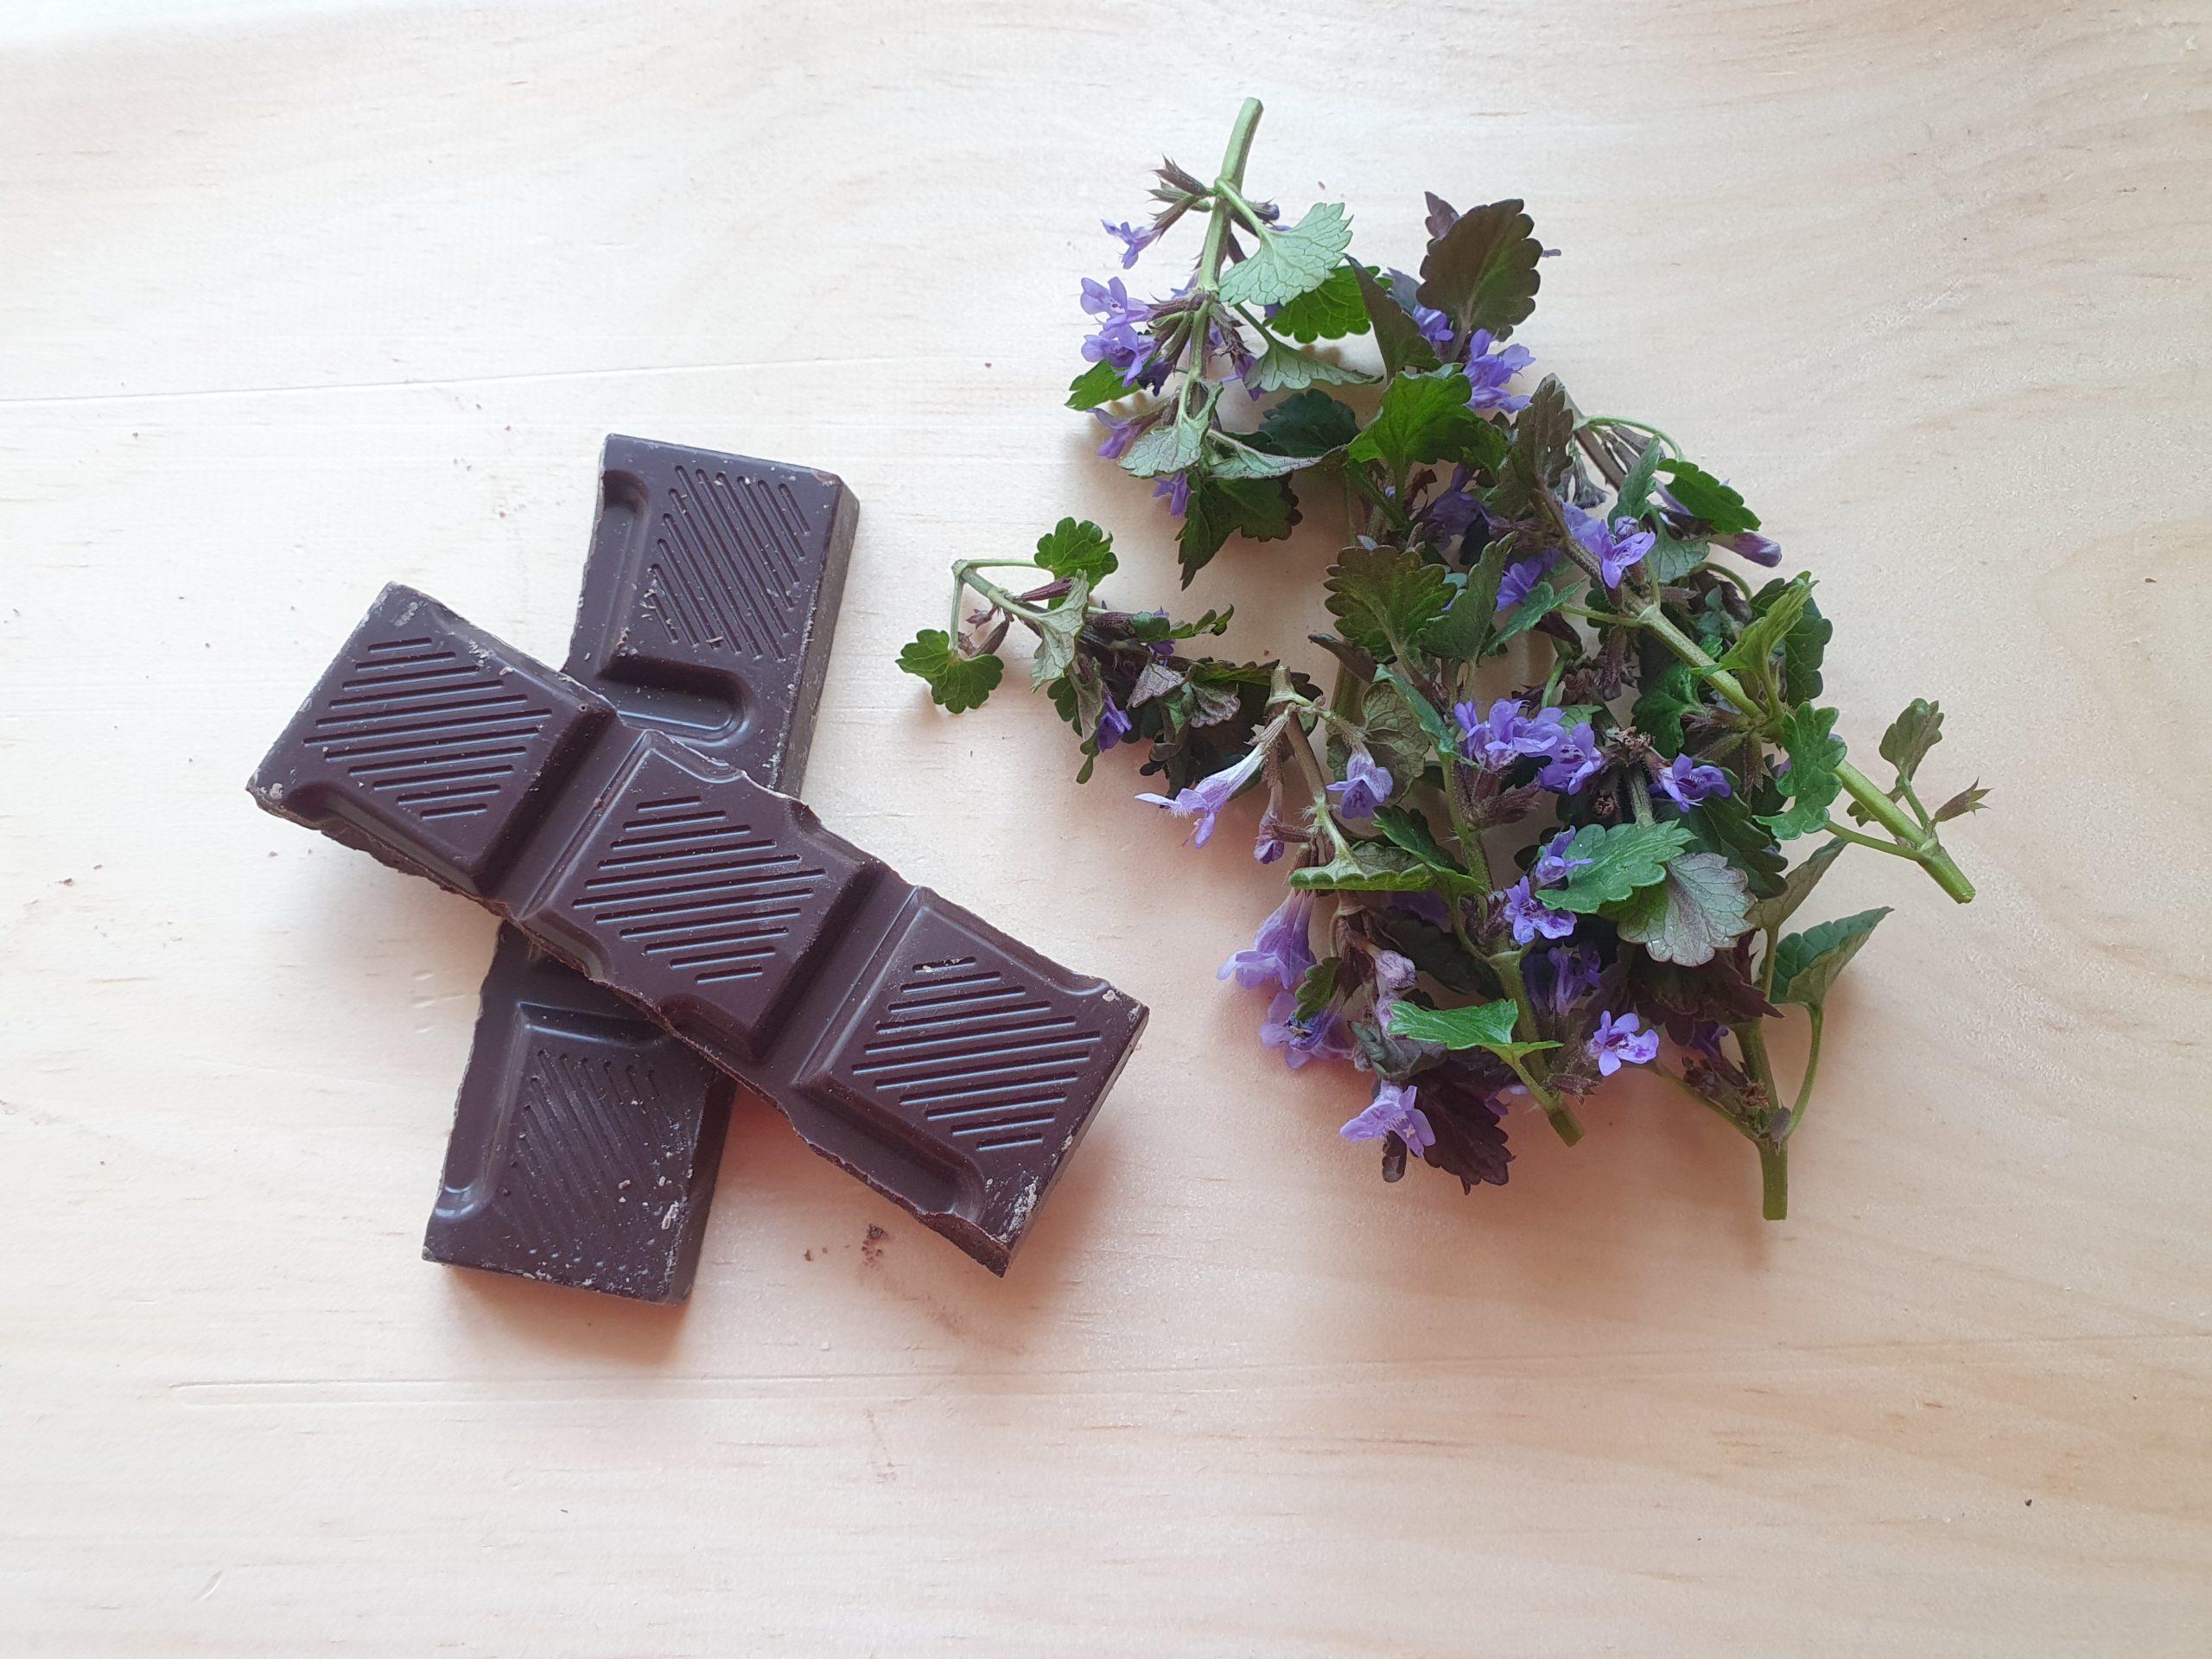 Alles, was ihr für diese Nascherei braucht, ist Schokolade und frischer Gundermann.